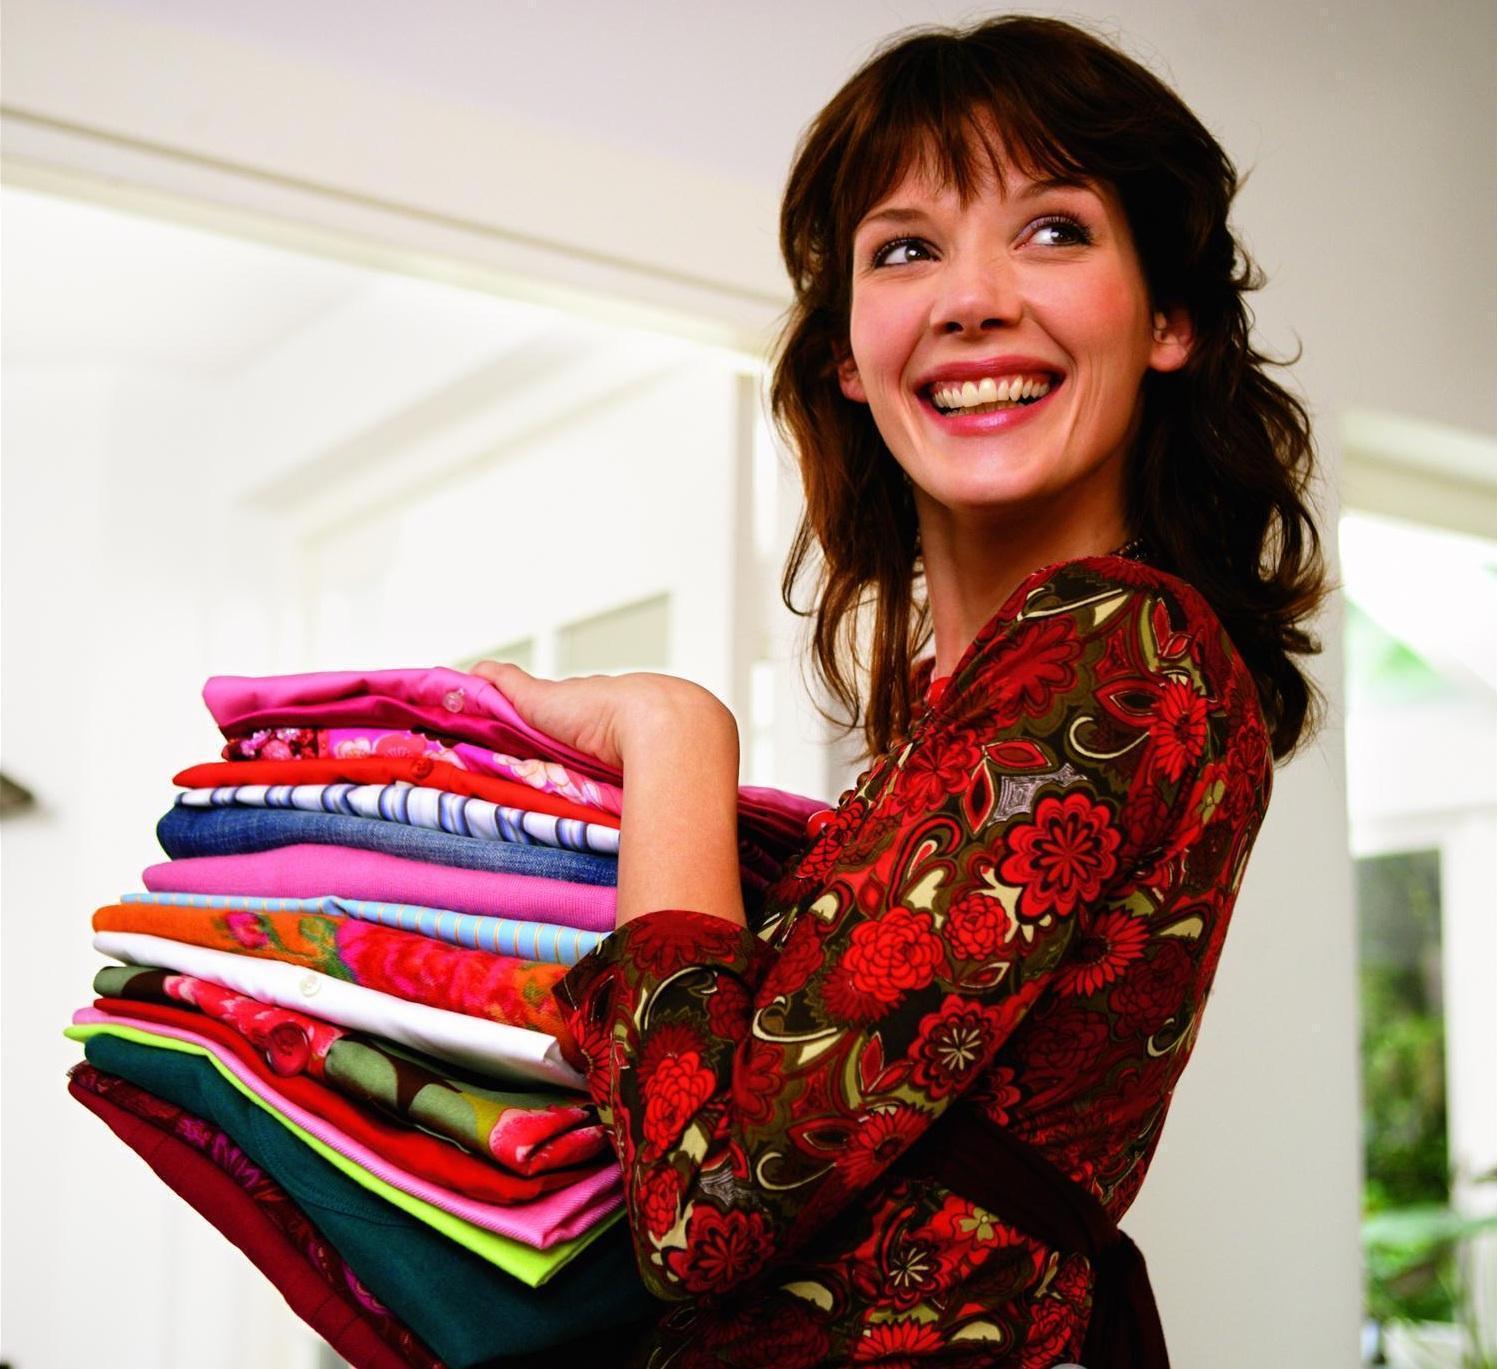 Quần áo sau khi dùng máy sấy quần áo 8 kg Gorenje D844BH không bị nhăn, thơm tho sạch sẽ